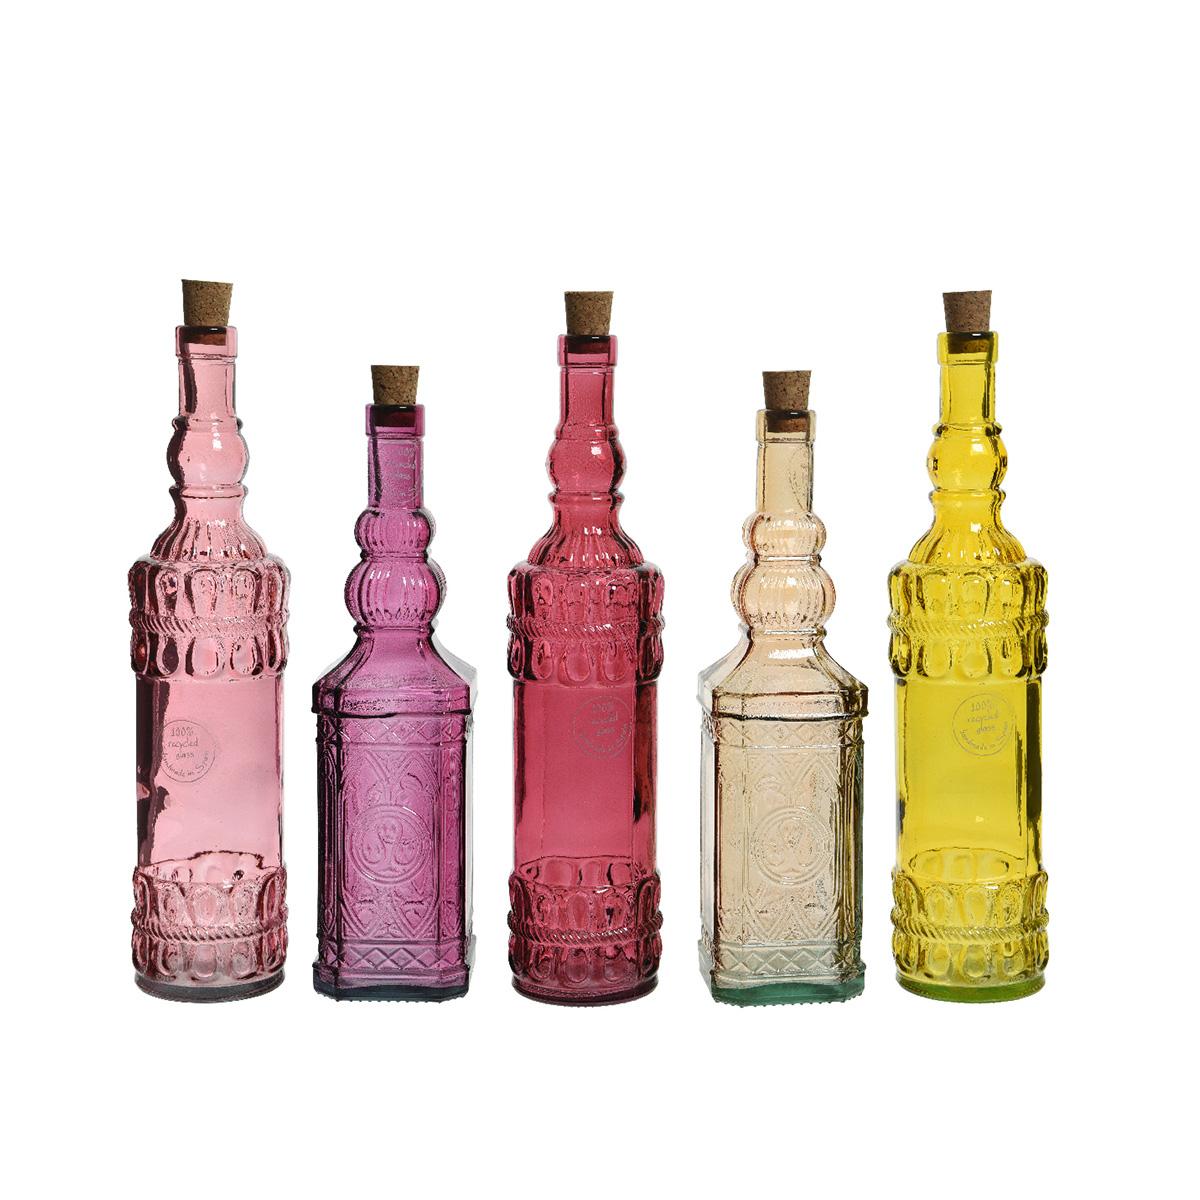 Vaza-flaša 870117